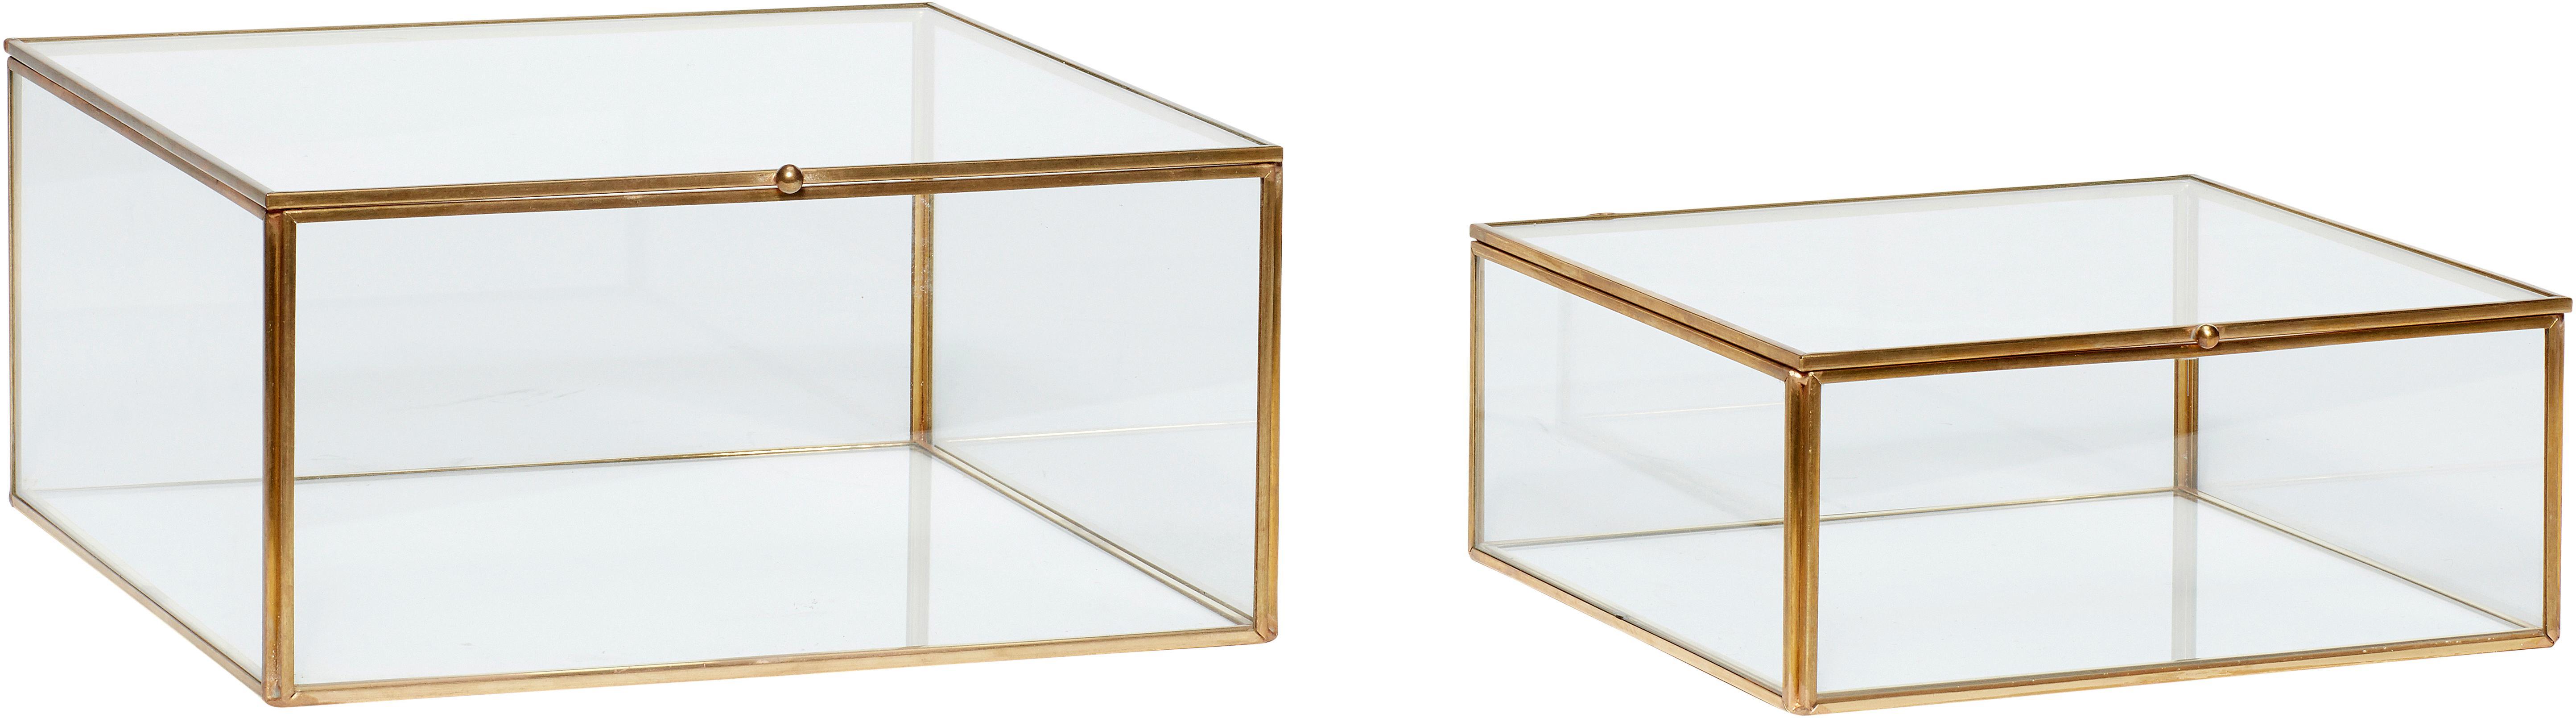 Aufbewahrungsboxen-Set Karie, 2-tlg., Rahmen: Messing, Box: Glas, Messing, Transparent, Set mit verschiedenen Grössen